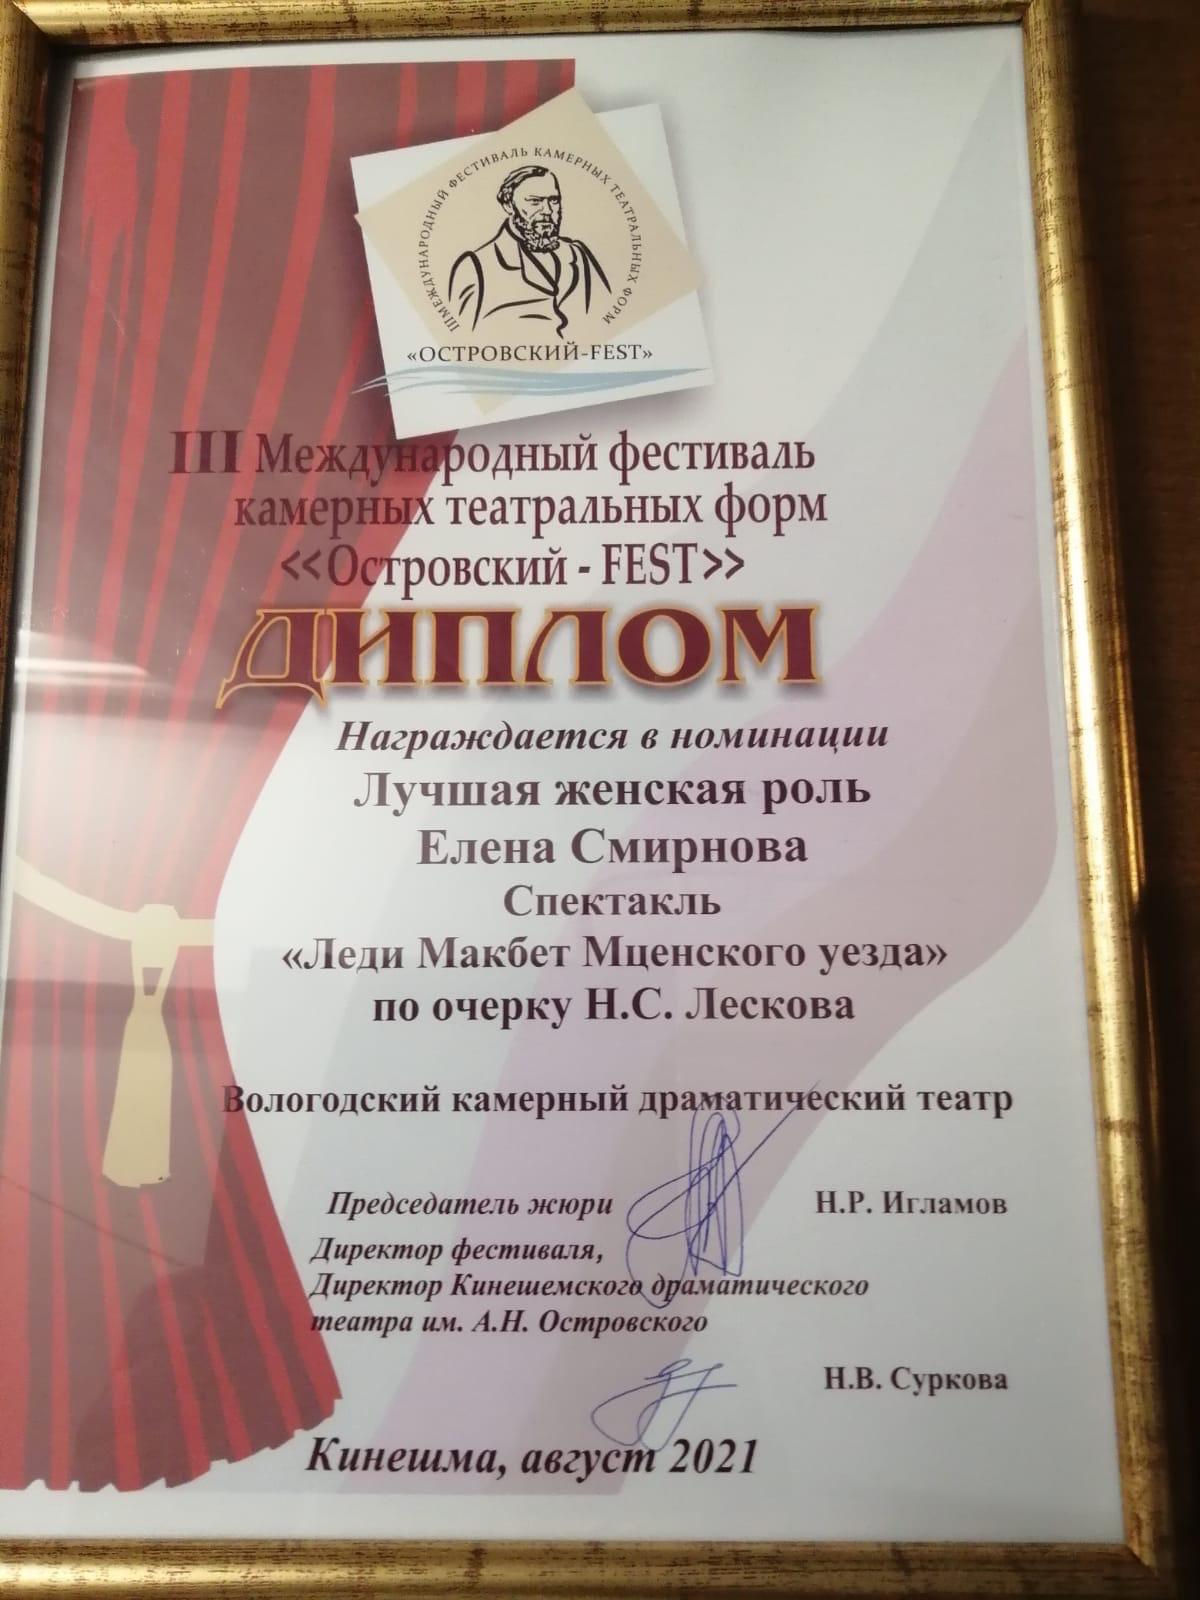 Театр представил на фестивале моноспектакль Елены Смирновой «Леди Макбет Мценского уезда»